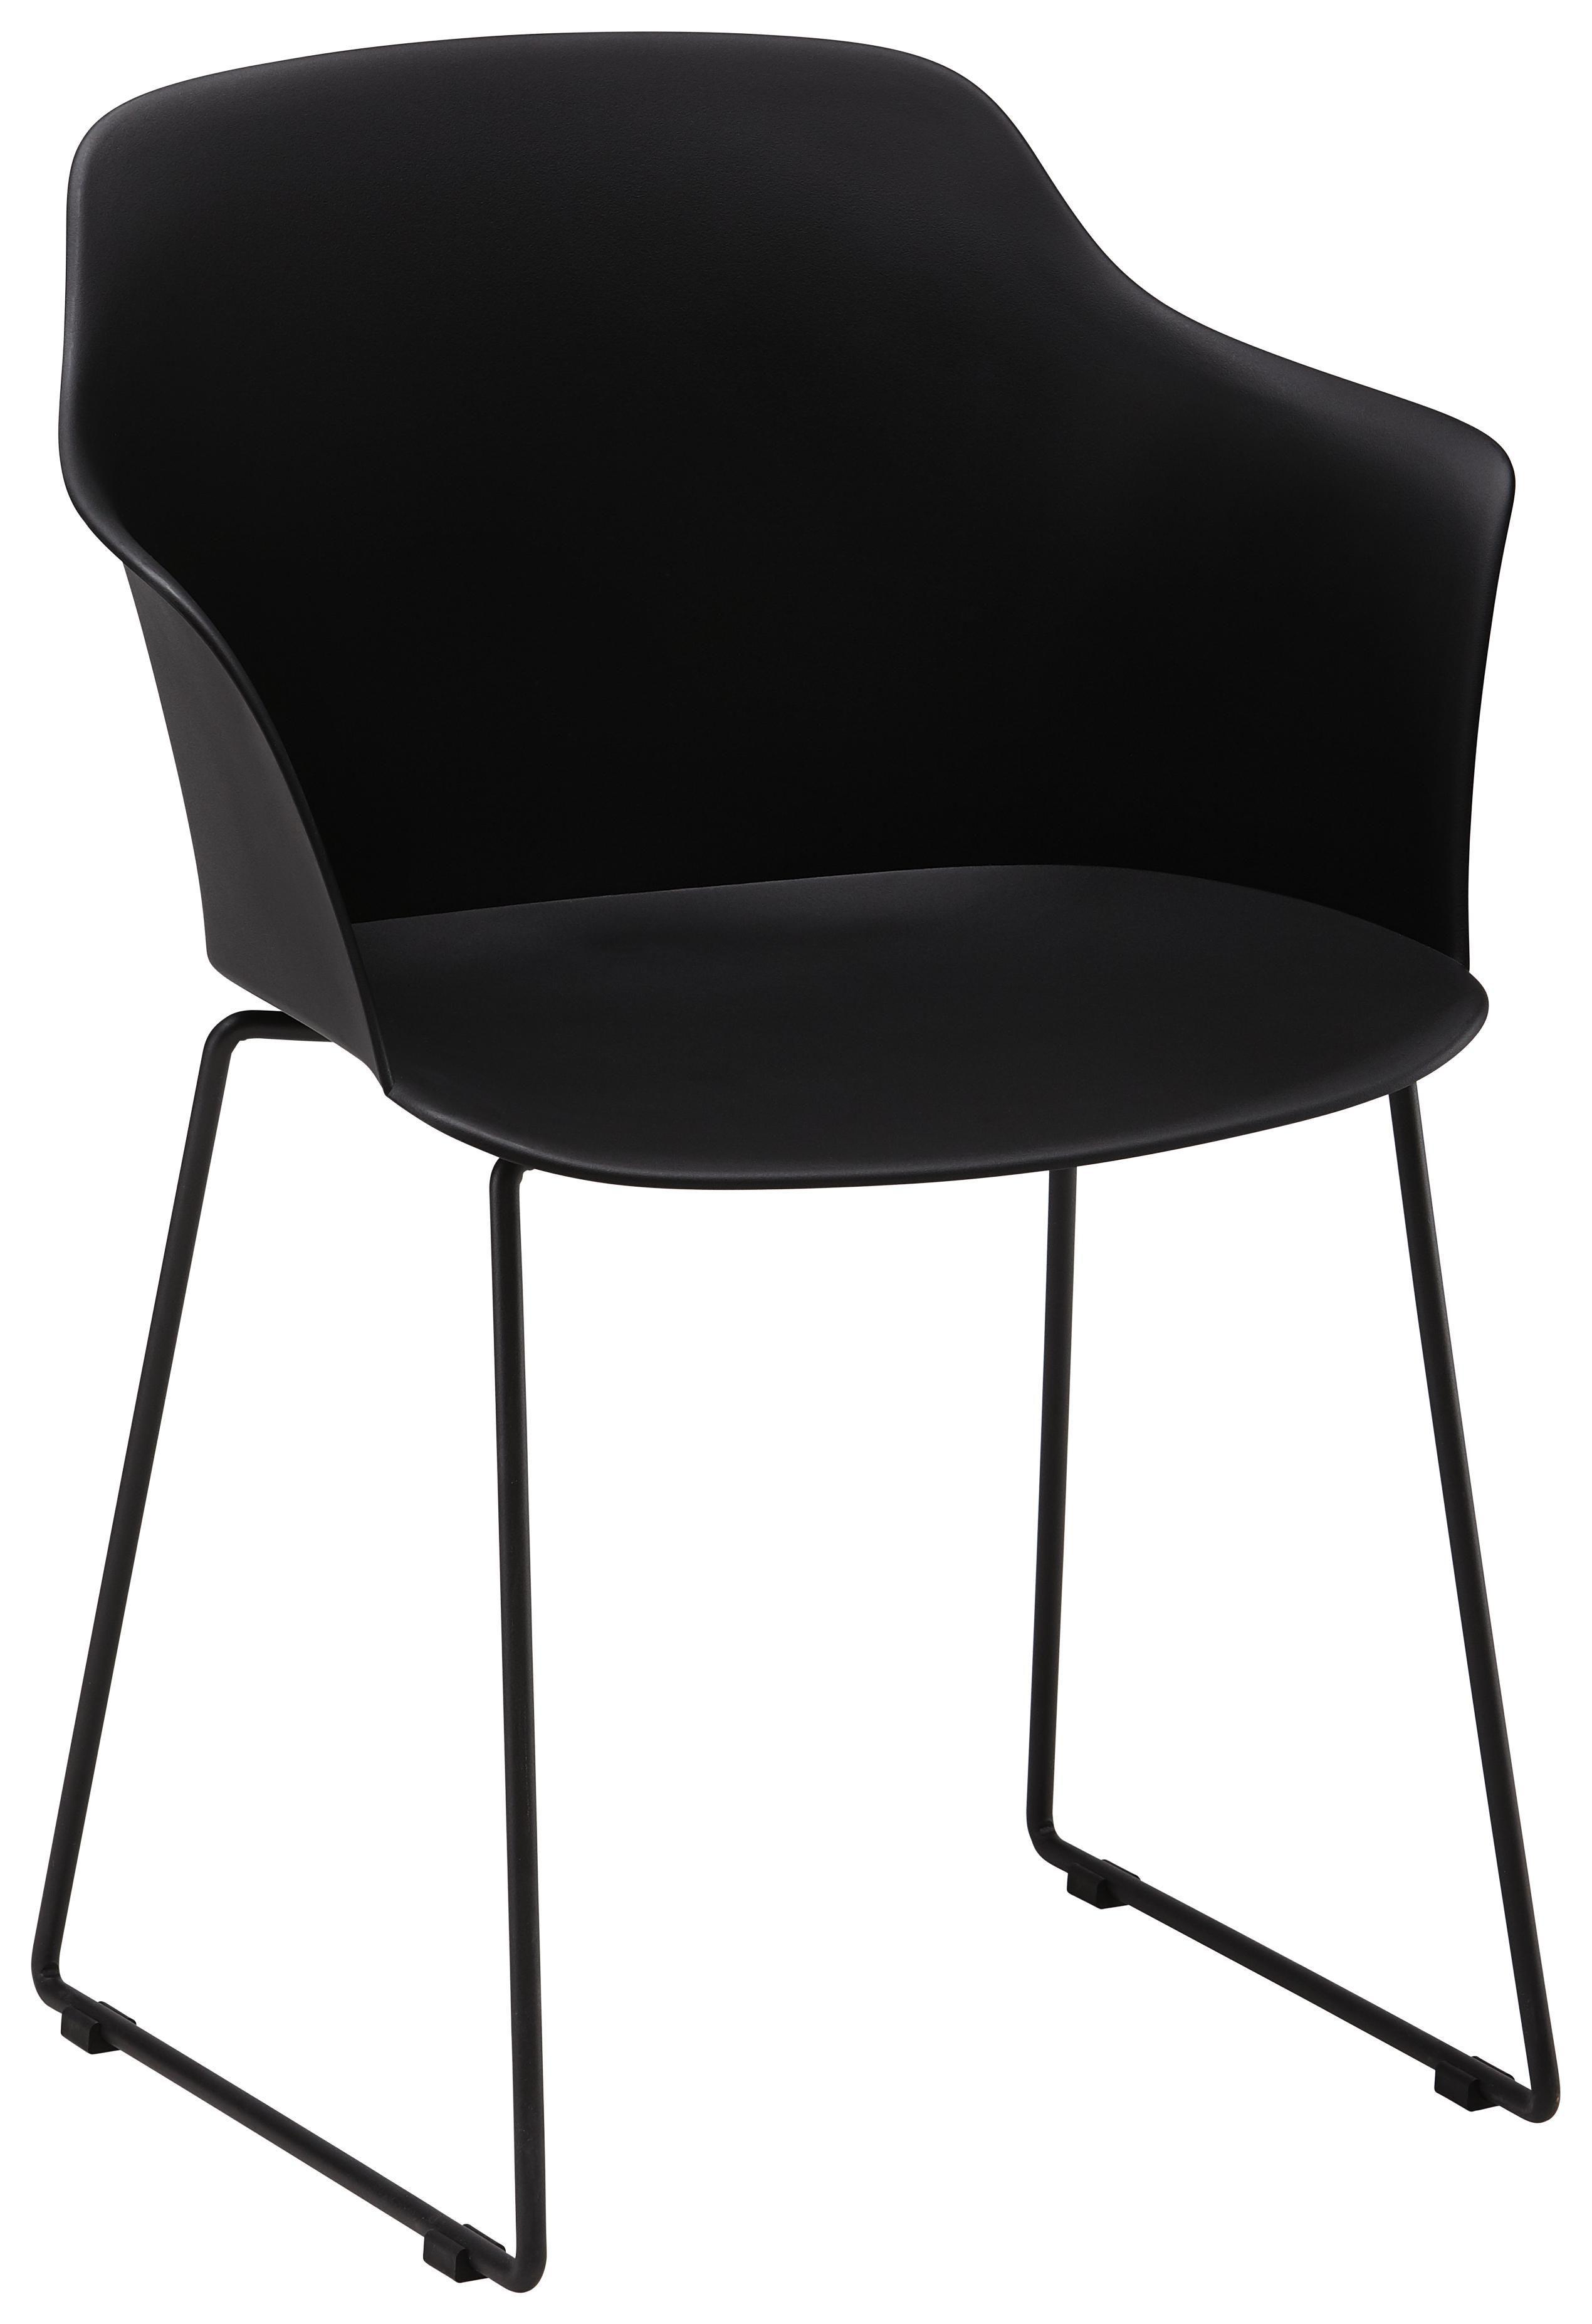 Gartenstuhl Mailand In Schwarz In 2020 Gartenstuhle Stuhle Haus Deko